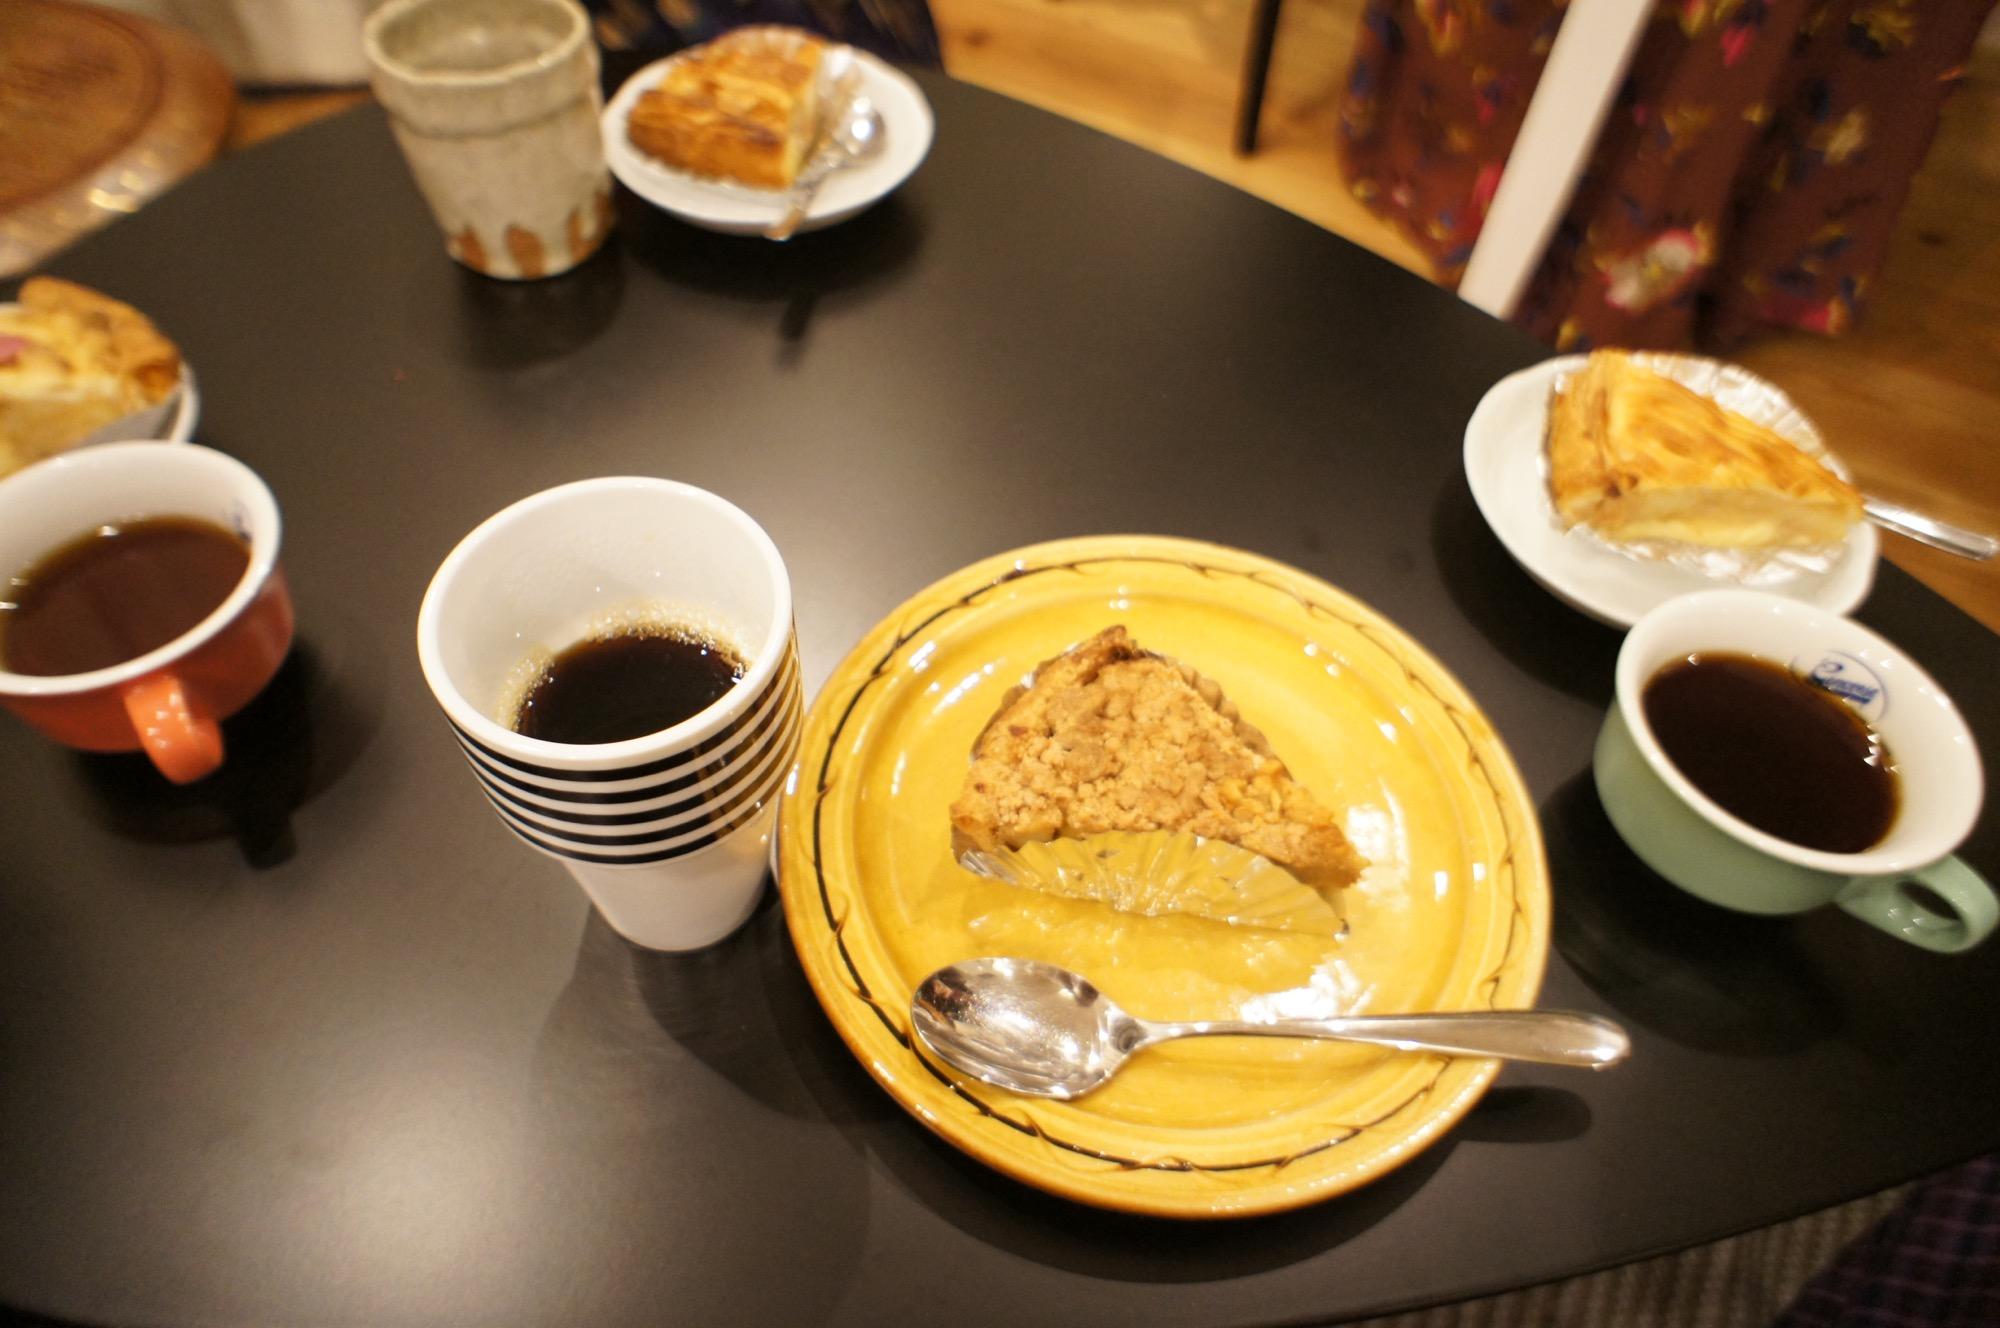 《お花見•ツウな手土産におすすめ❤️》【東急プラザ銀座】で買えるGRANNY SMITHのアップルパイが絶品☻_2